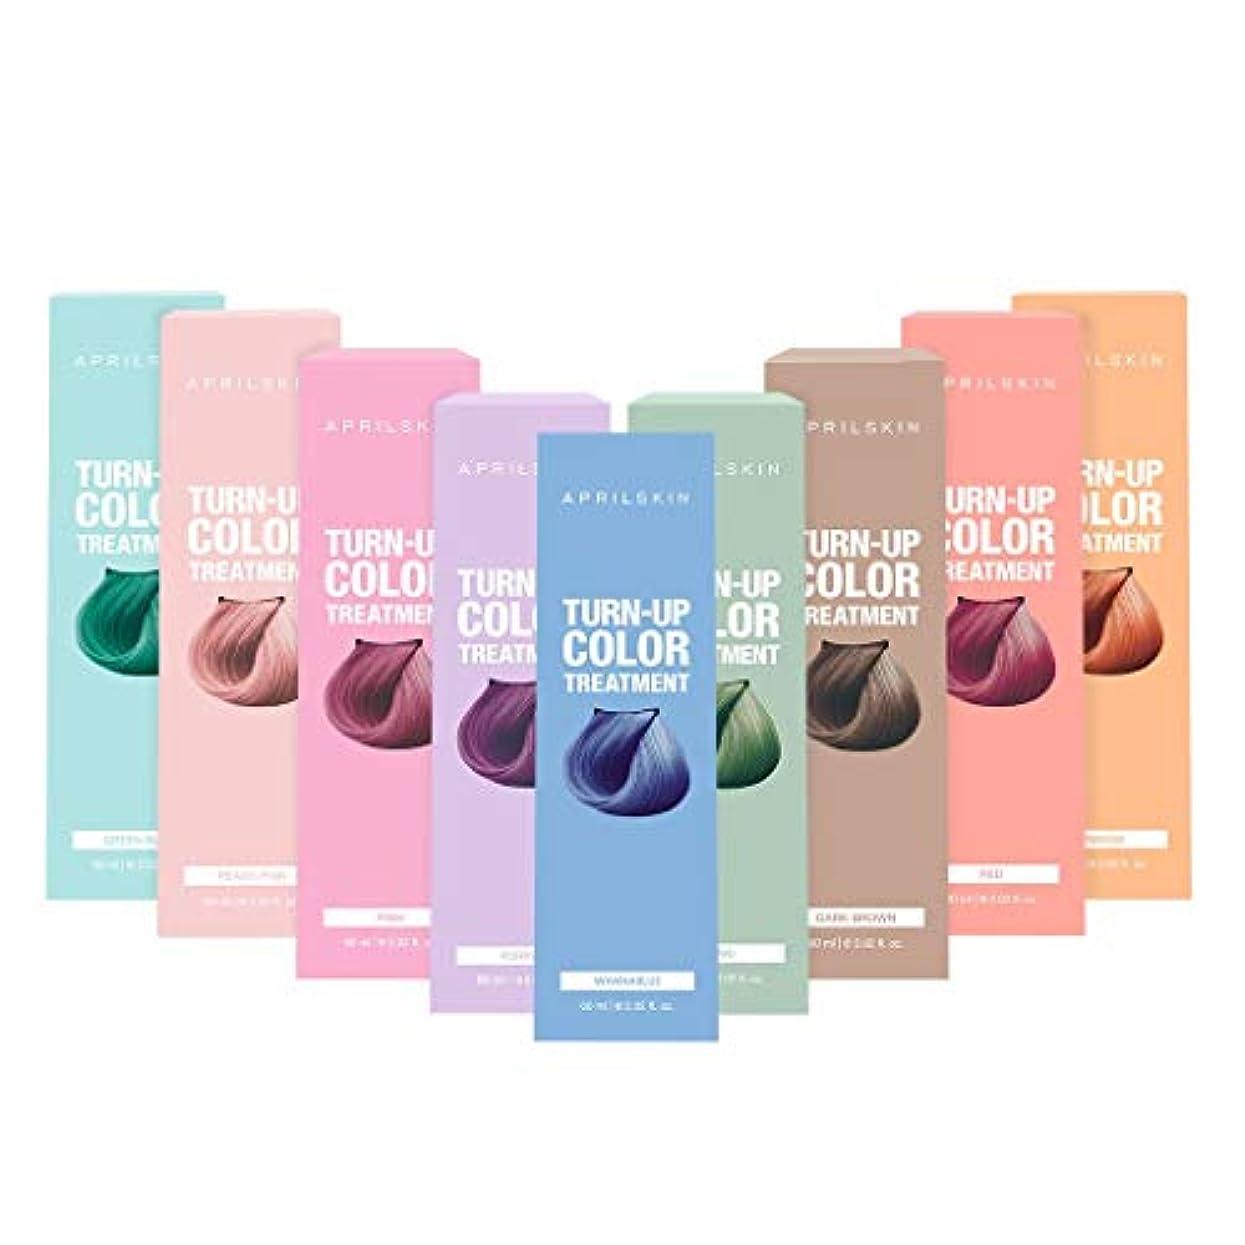 パイロット開始胸April Skin(エイプリルスキン) ターンアップカラー トリートメント Ash Violet(アッシュバイオレット) Set(Peach Pink + Orange + Green Blue) /Turn up Color...